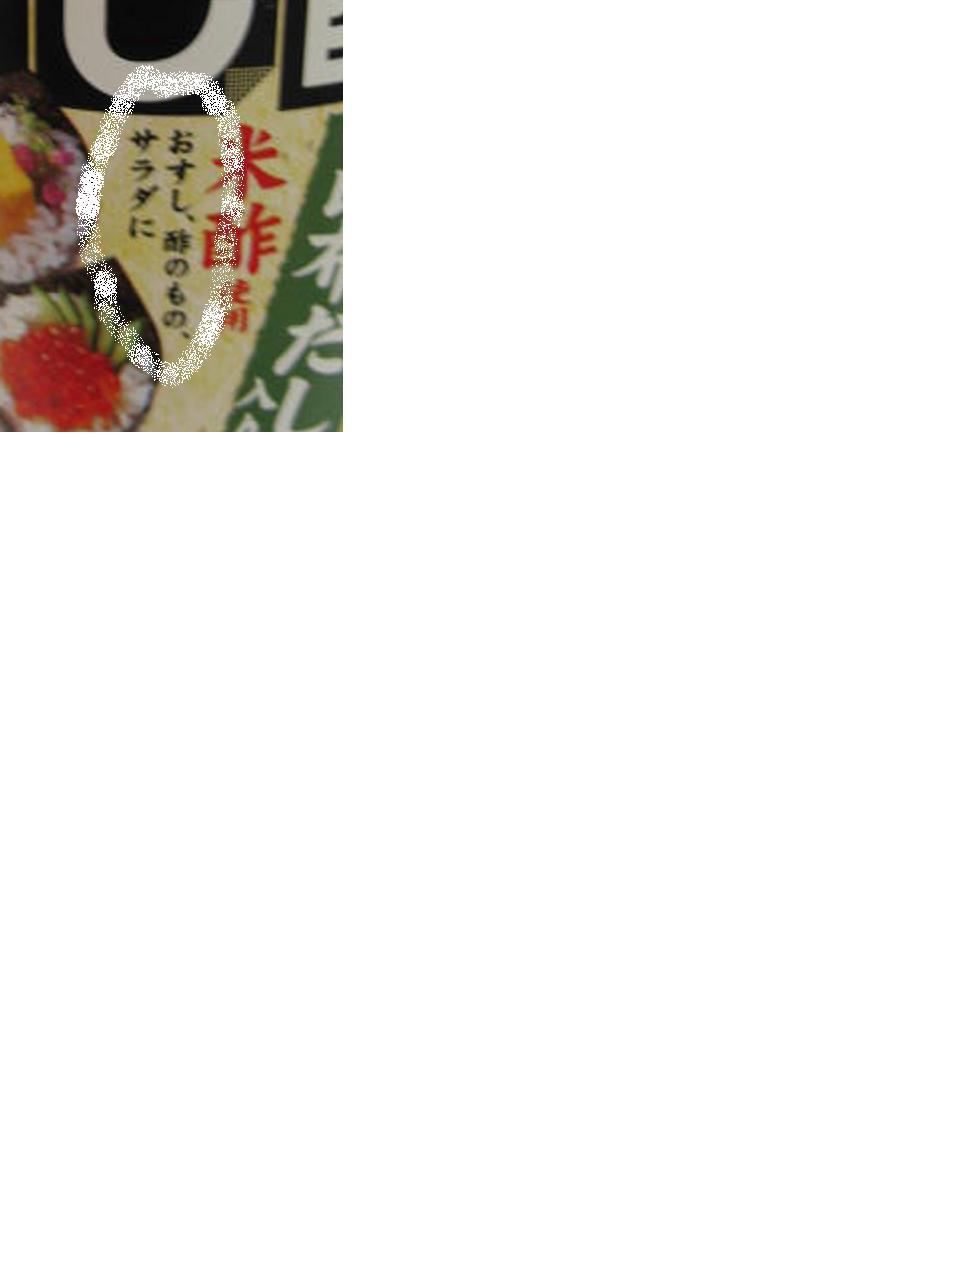 f0036409_2361238.jpg